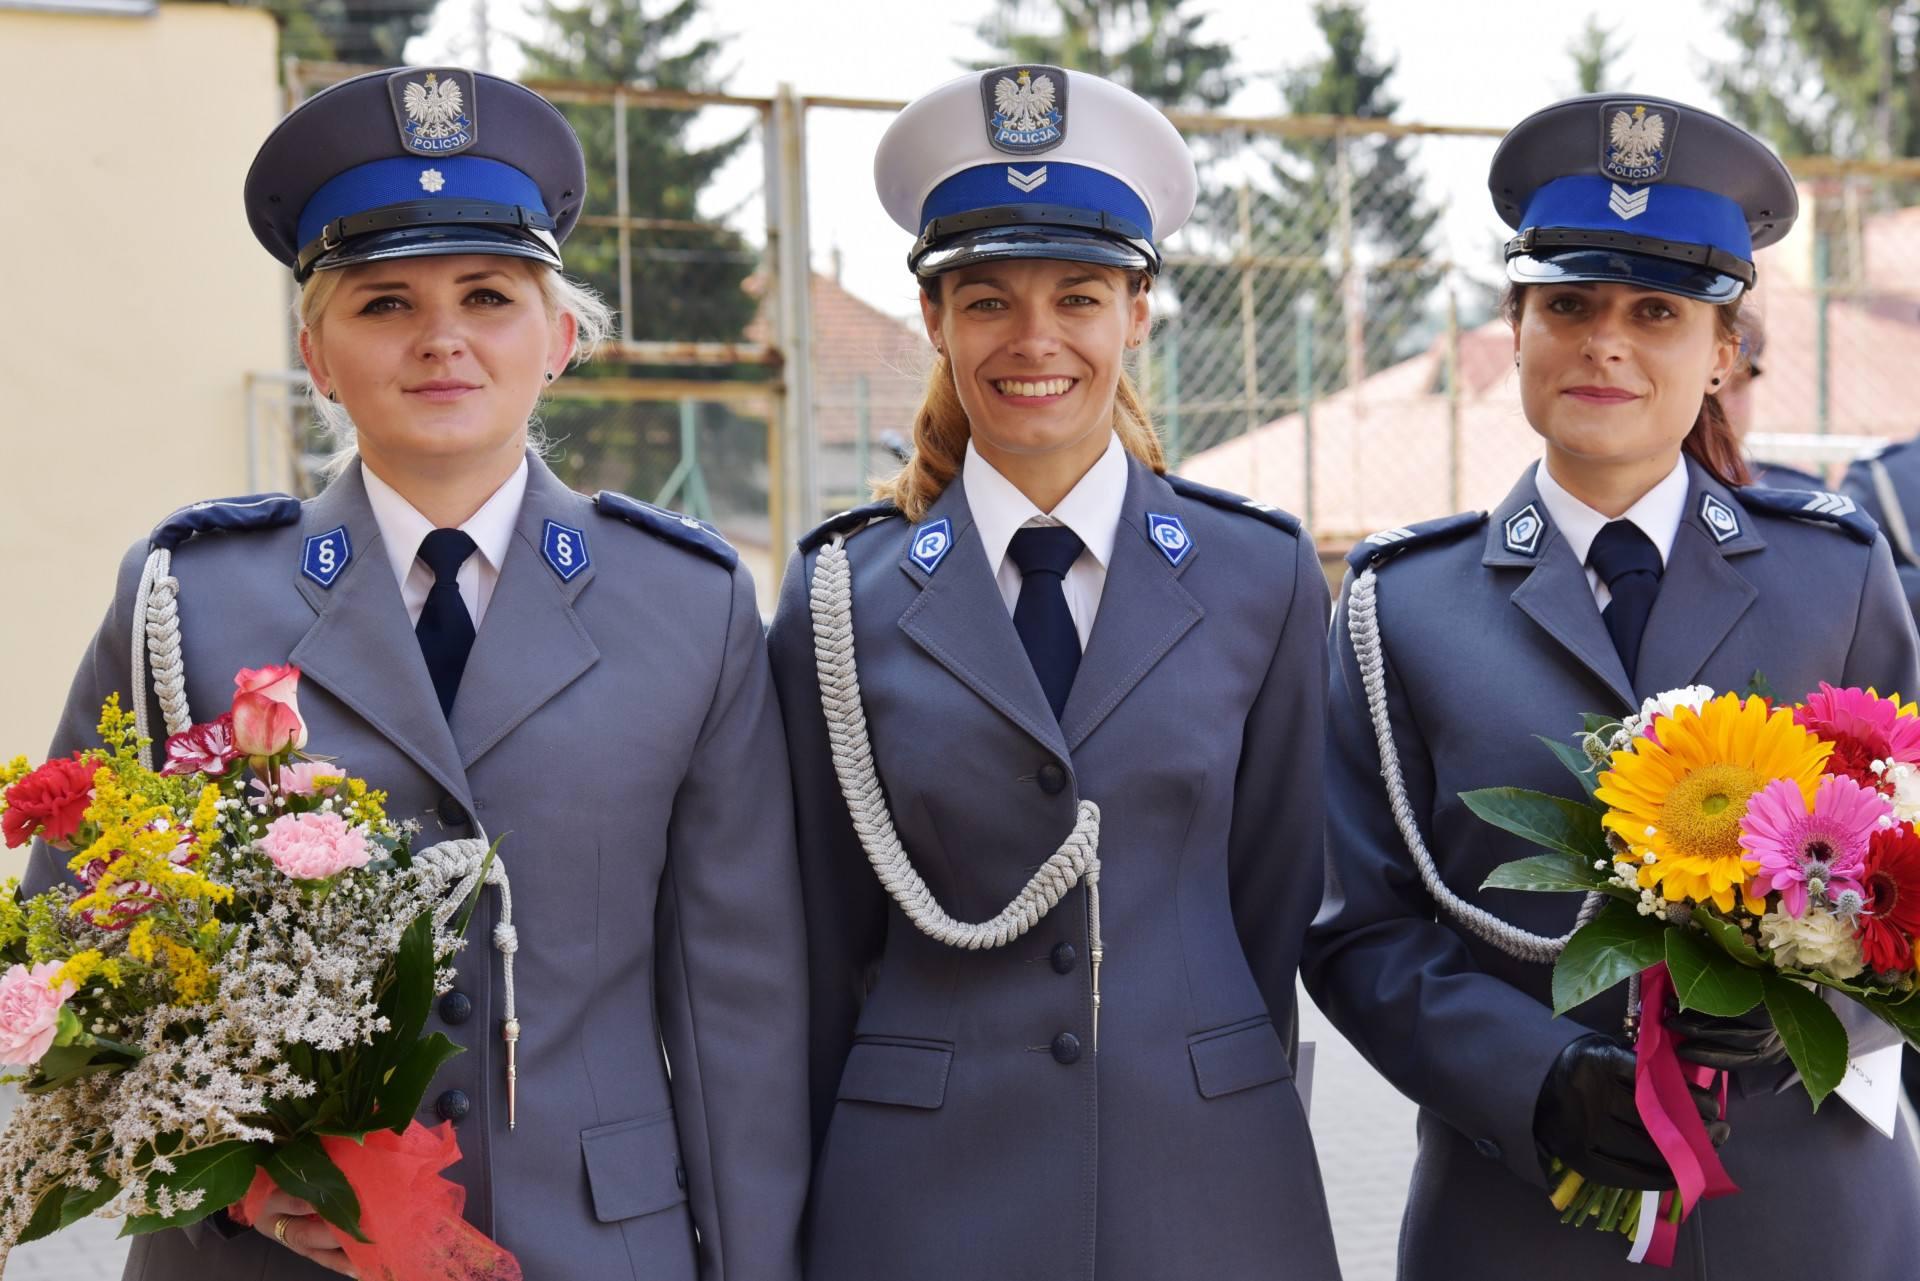 Najlepsze życzenia z okazji Święta Policji